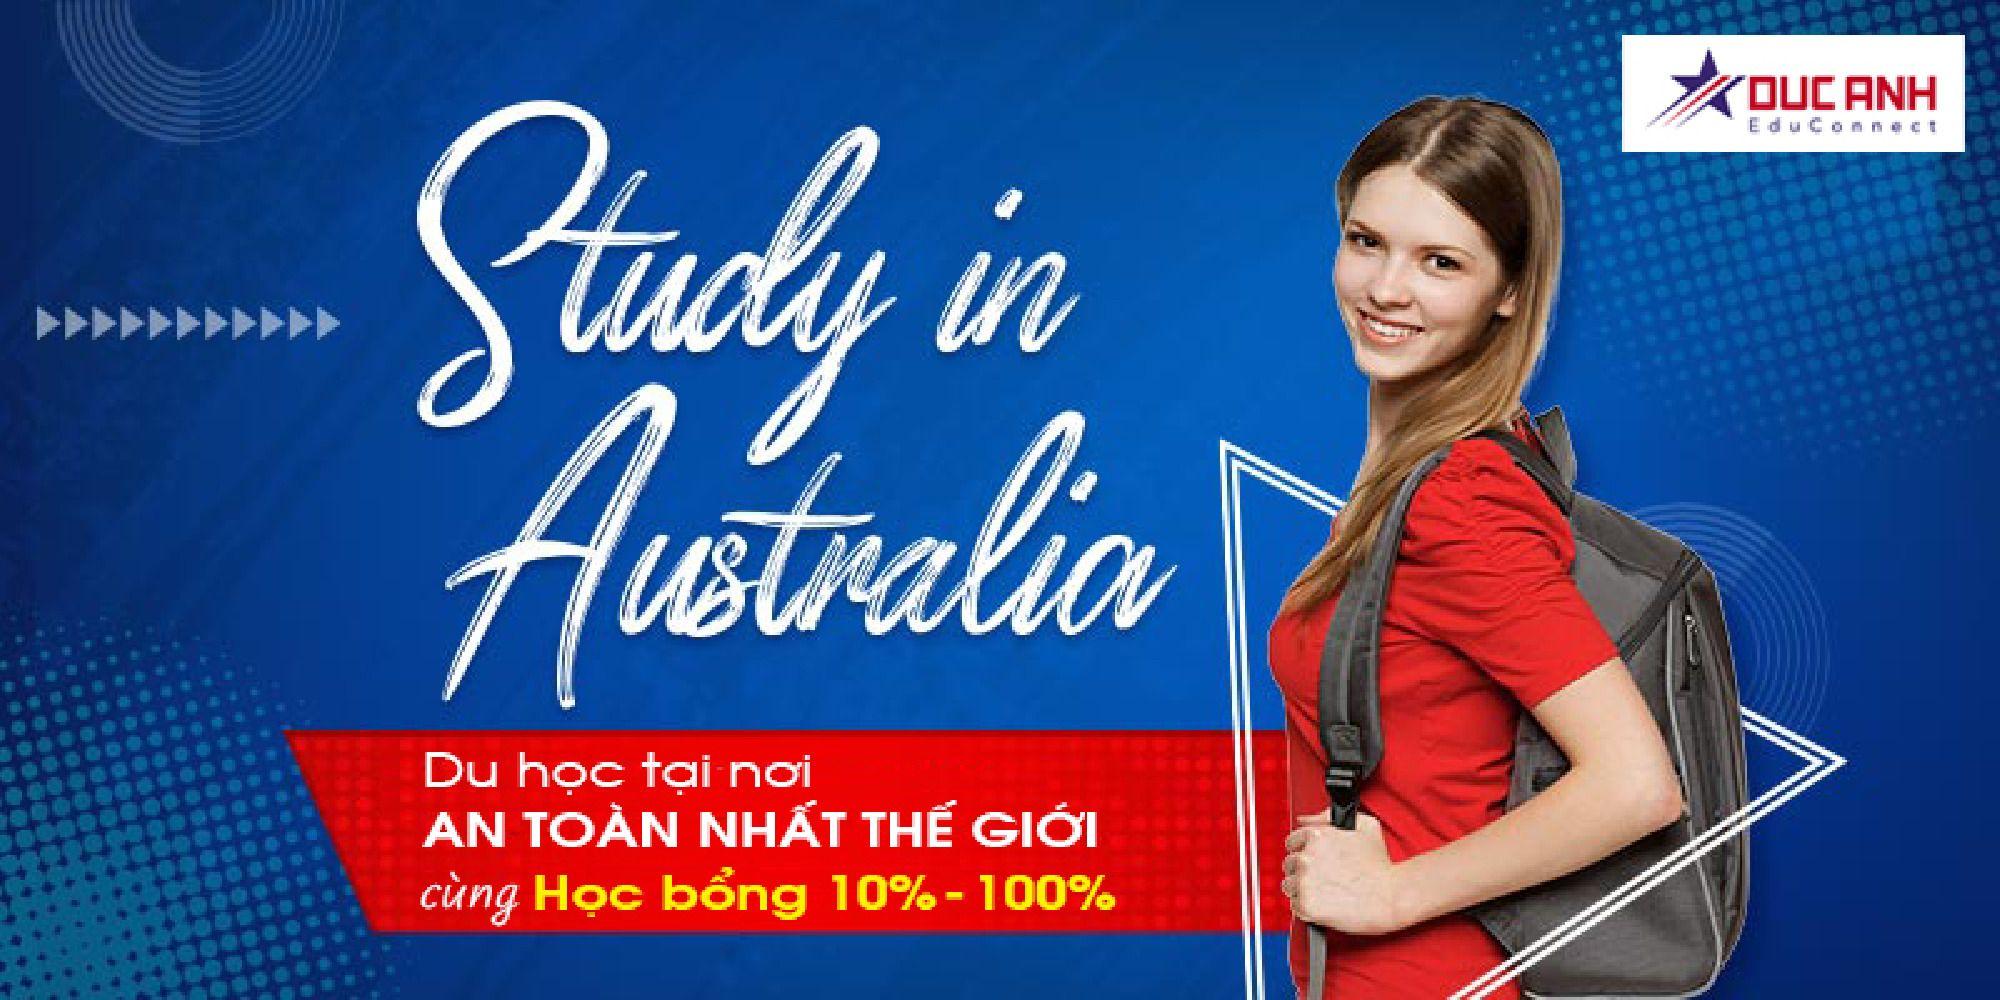 Du học tại nơi an toàn nhất thế giới - cùng học bổng 10 - 100%